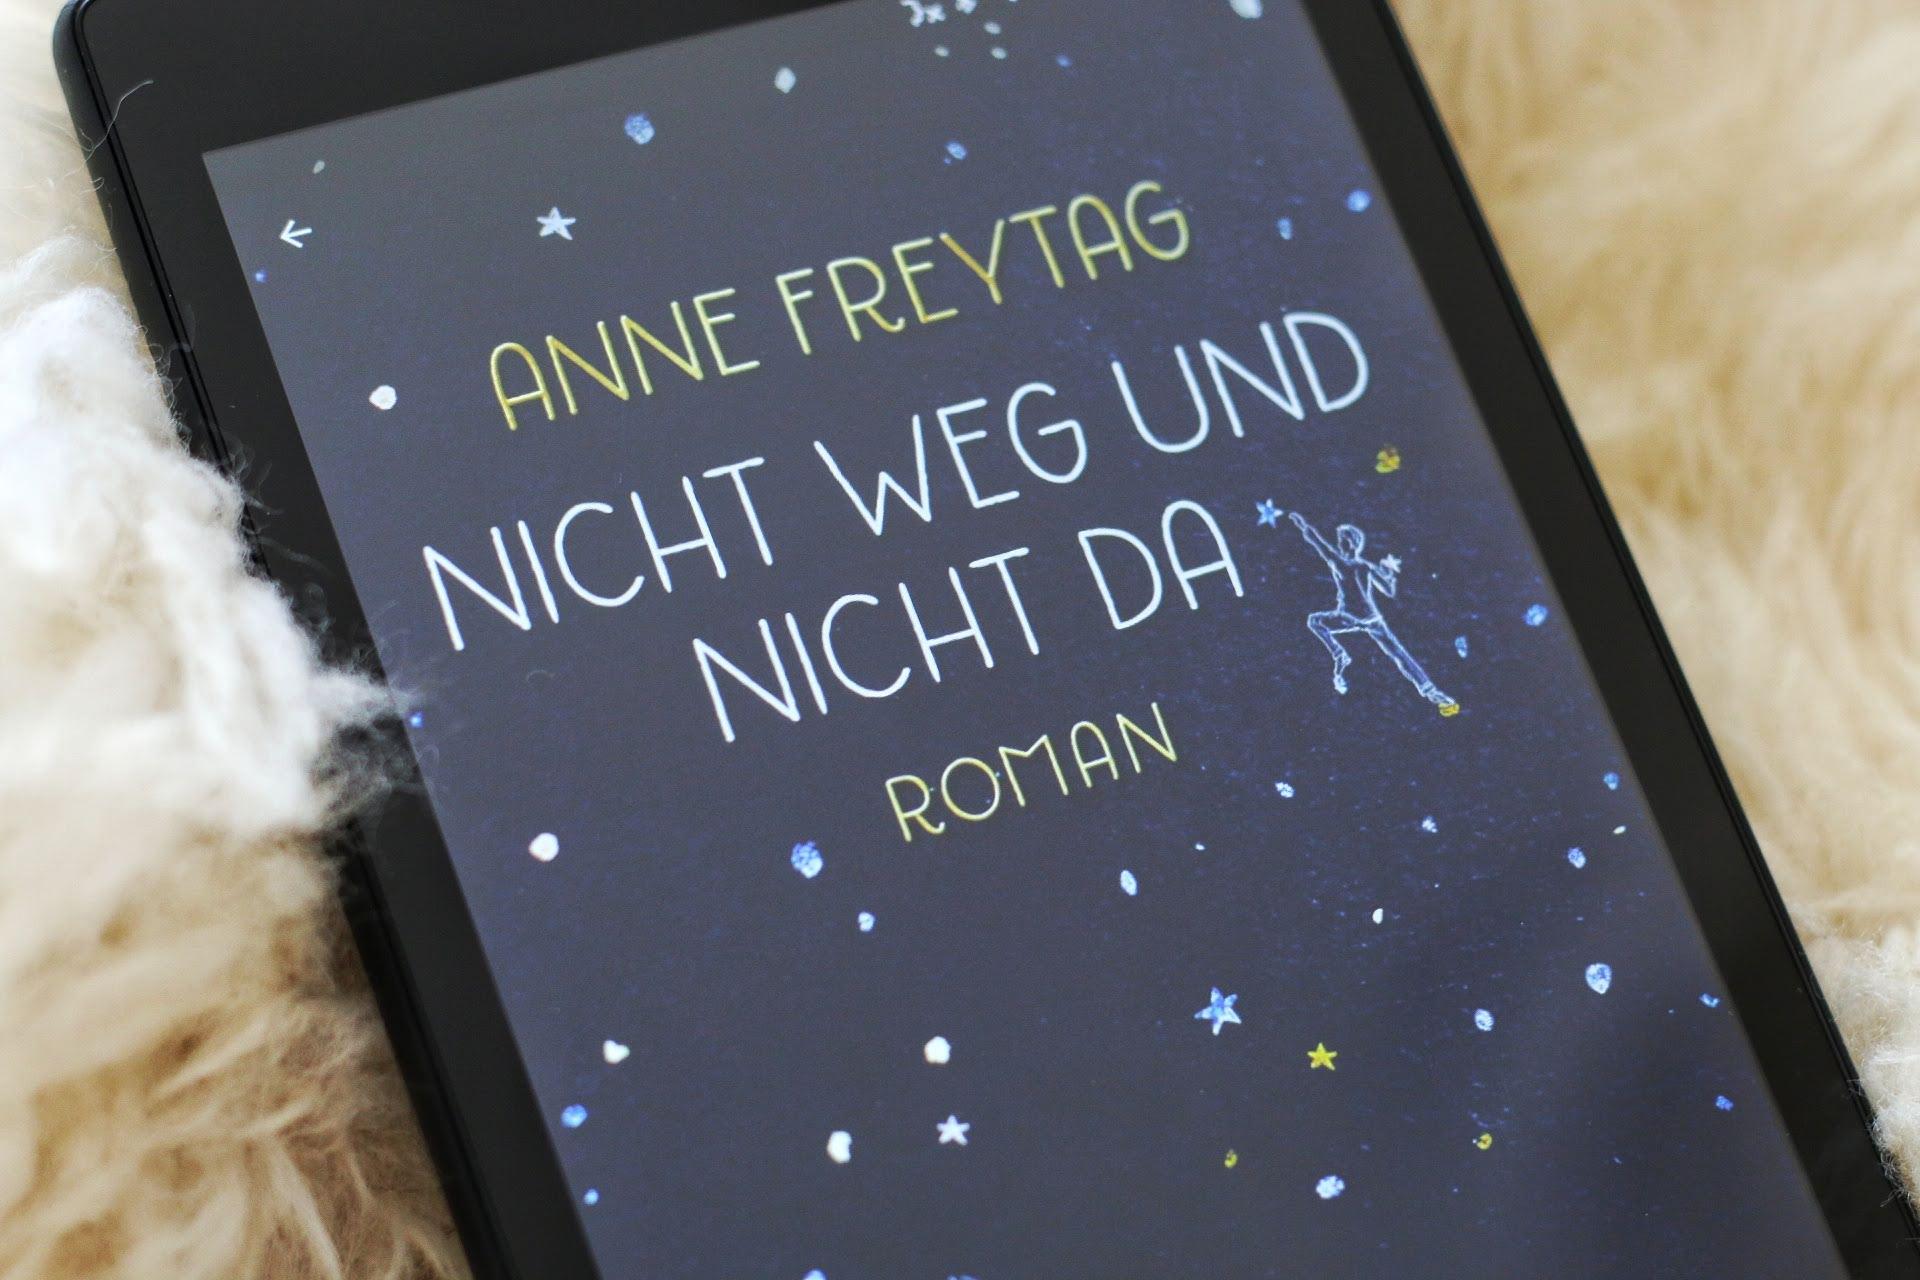 Anne Freytag Nicht weg und nicht da